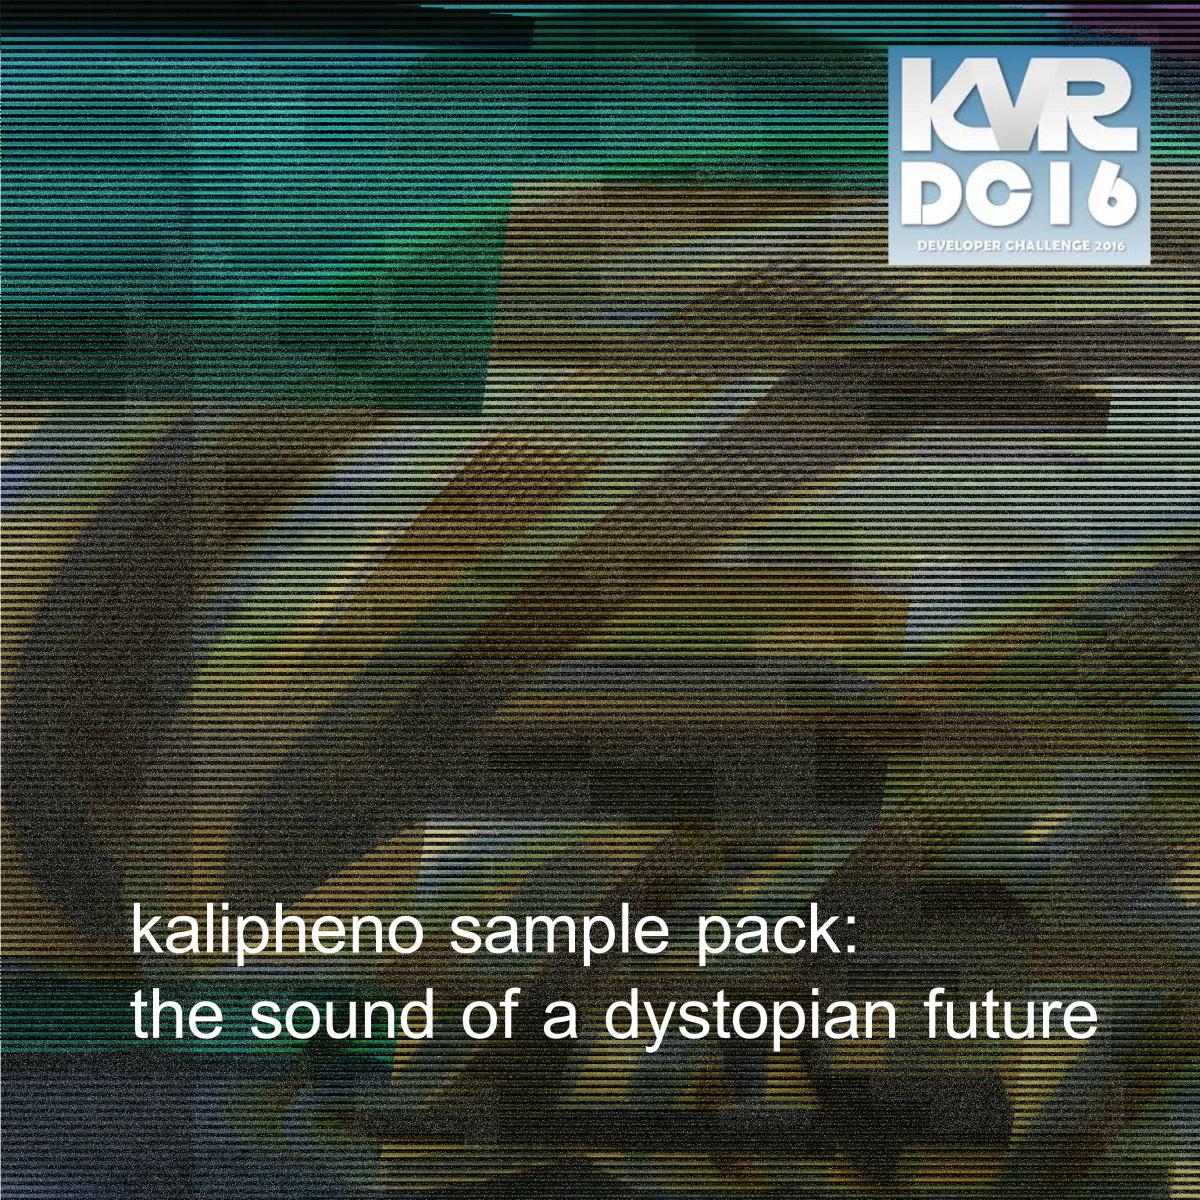 kaliphenosamplepack